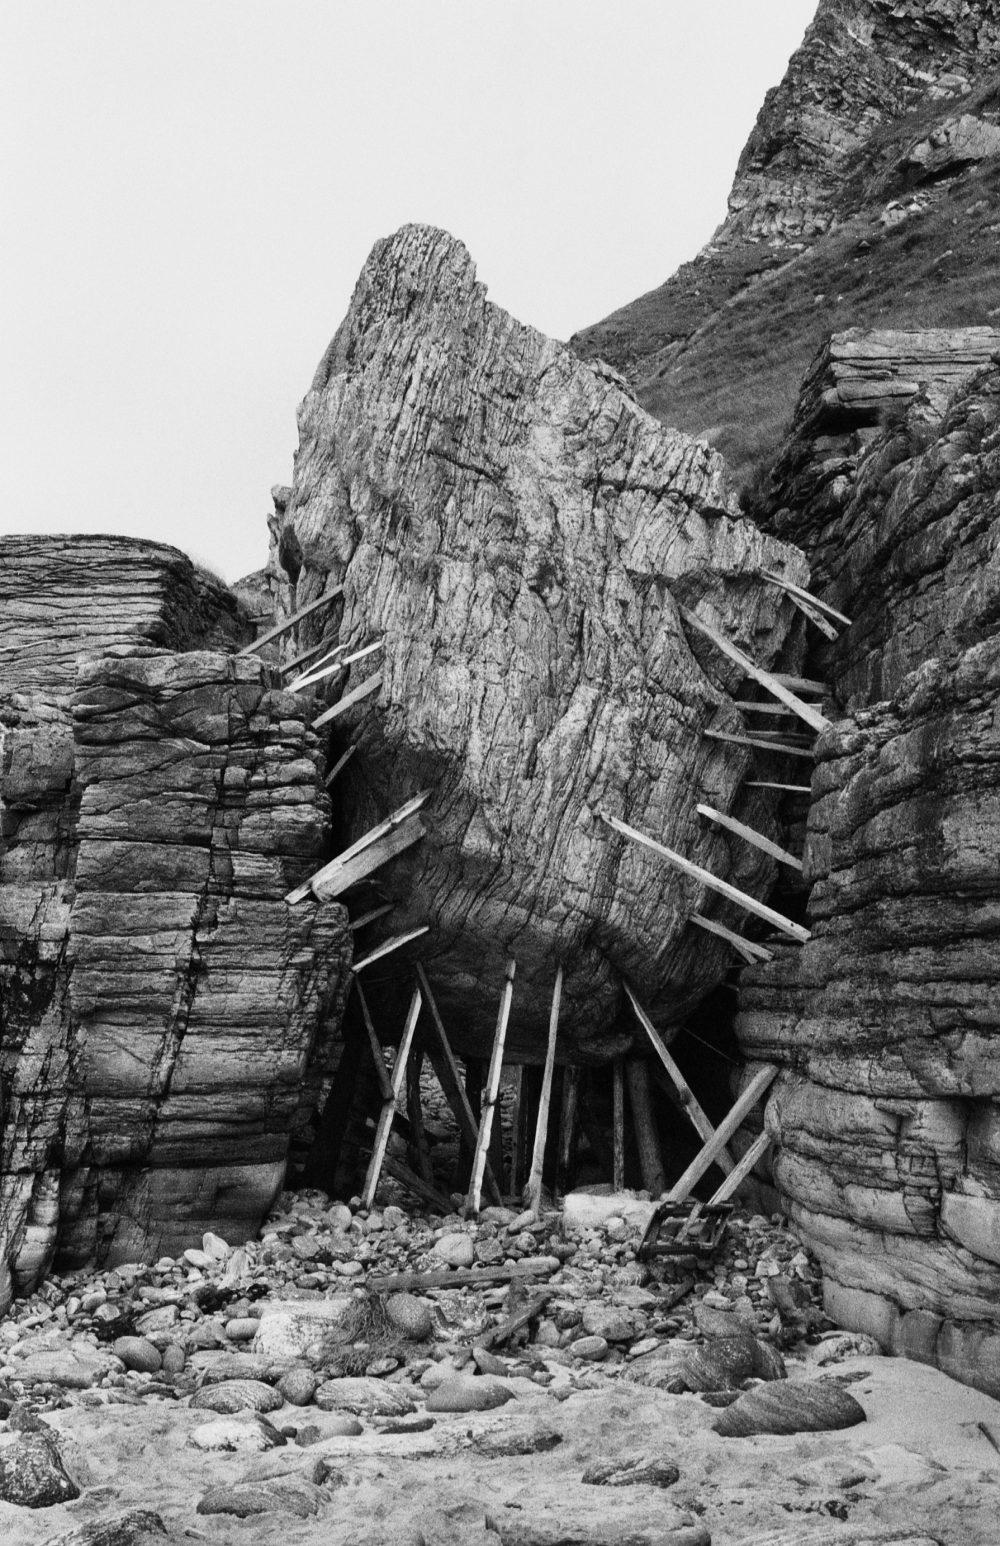 Mange av kunstverkene er dokumentert med sort-hvite fotografier, som bildet av Oddvar I.N. Daren, Lars Paalgard og Terje Munthes herlige Kile fra 1985. Foto: Oddvar I.N. Daren, Lars Paalgard, Terje Munthe